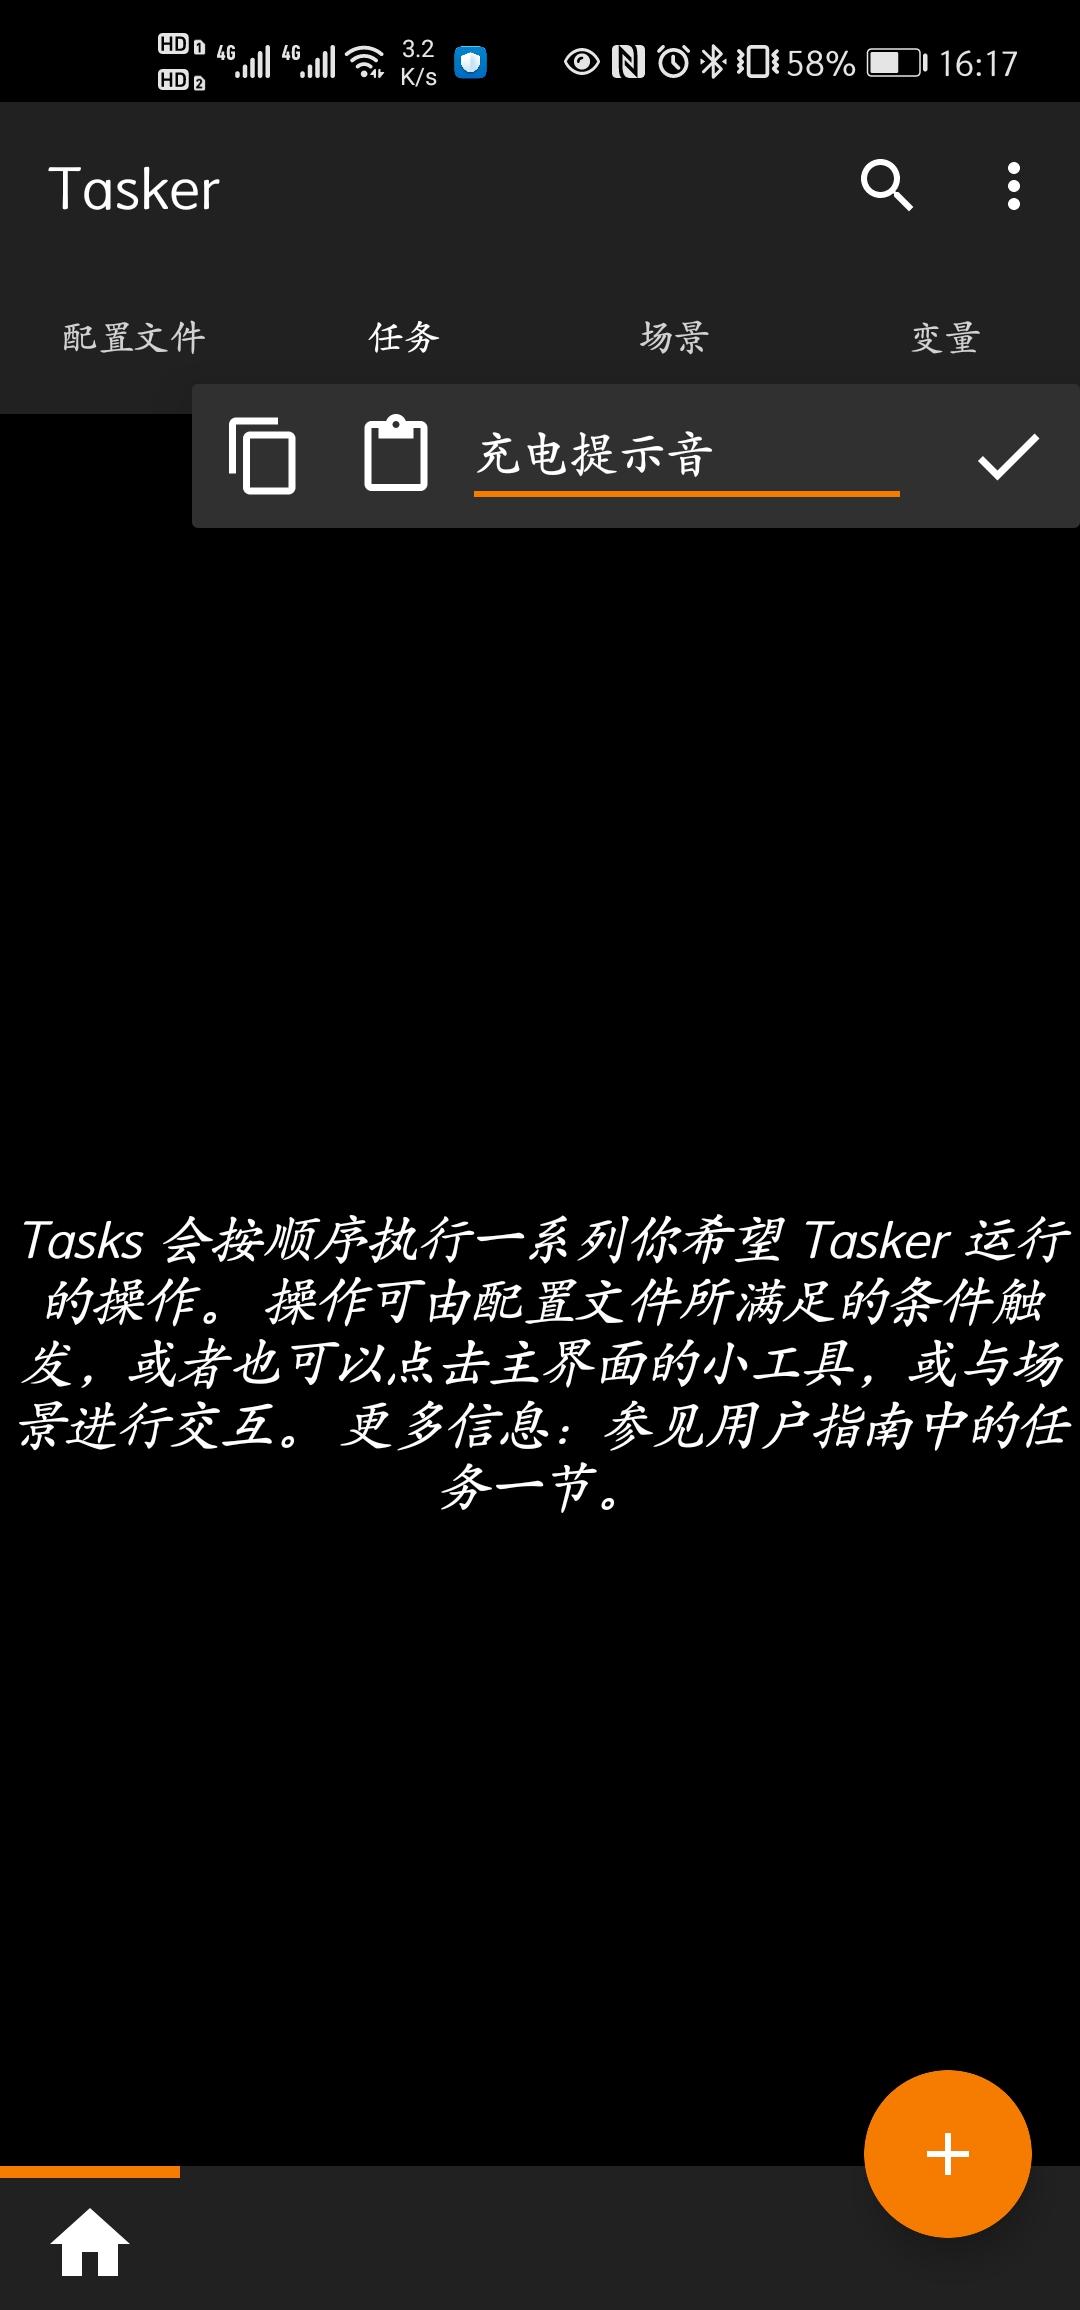 Screenshot_20200926_161707_net.dinglisch.android..jpg